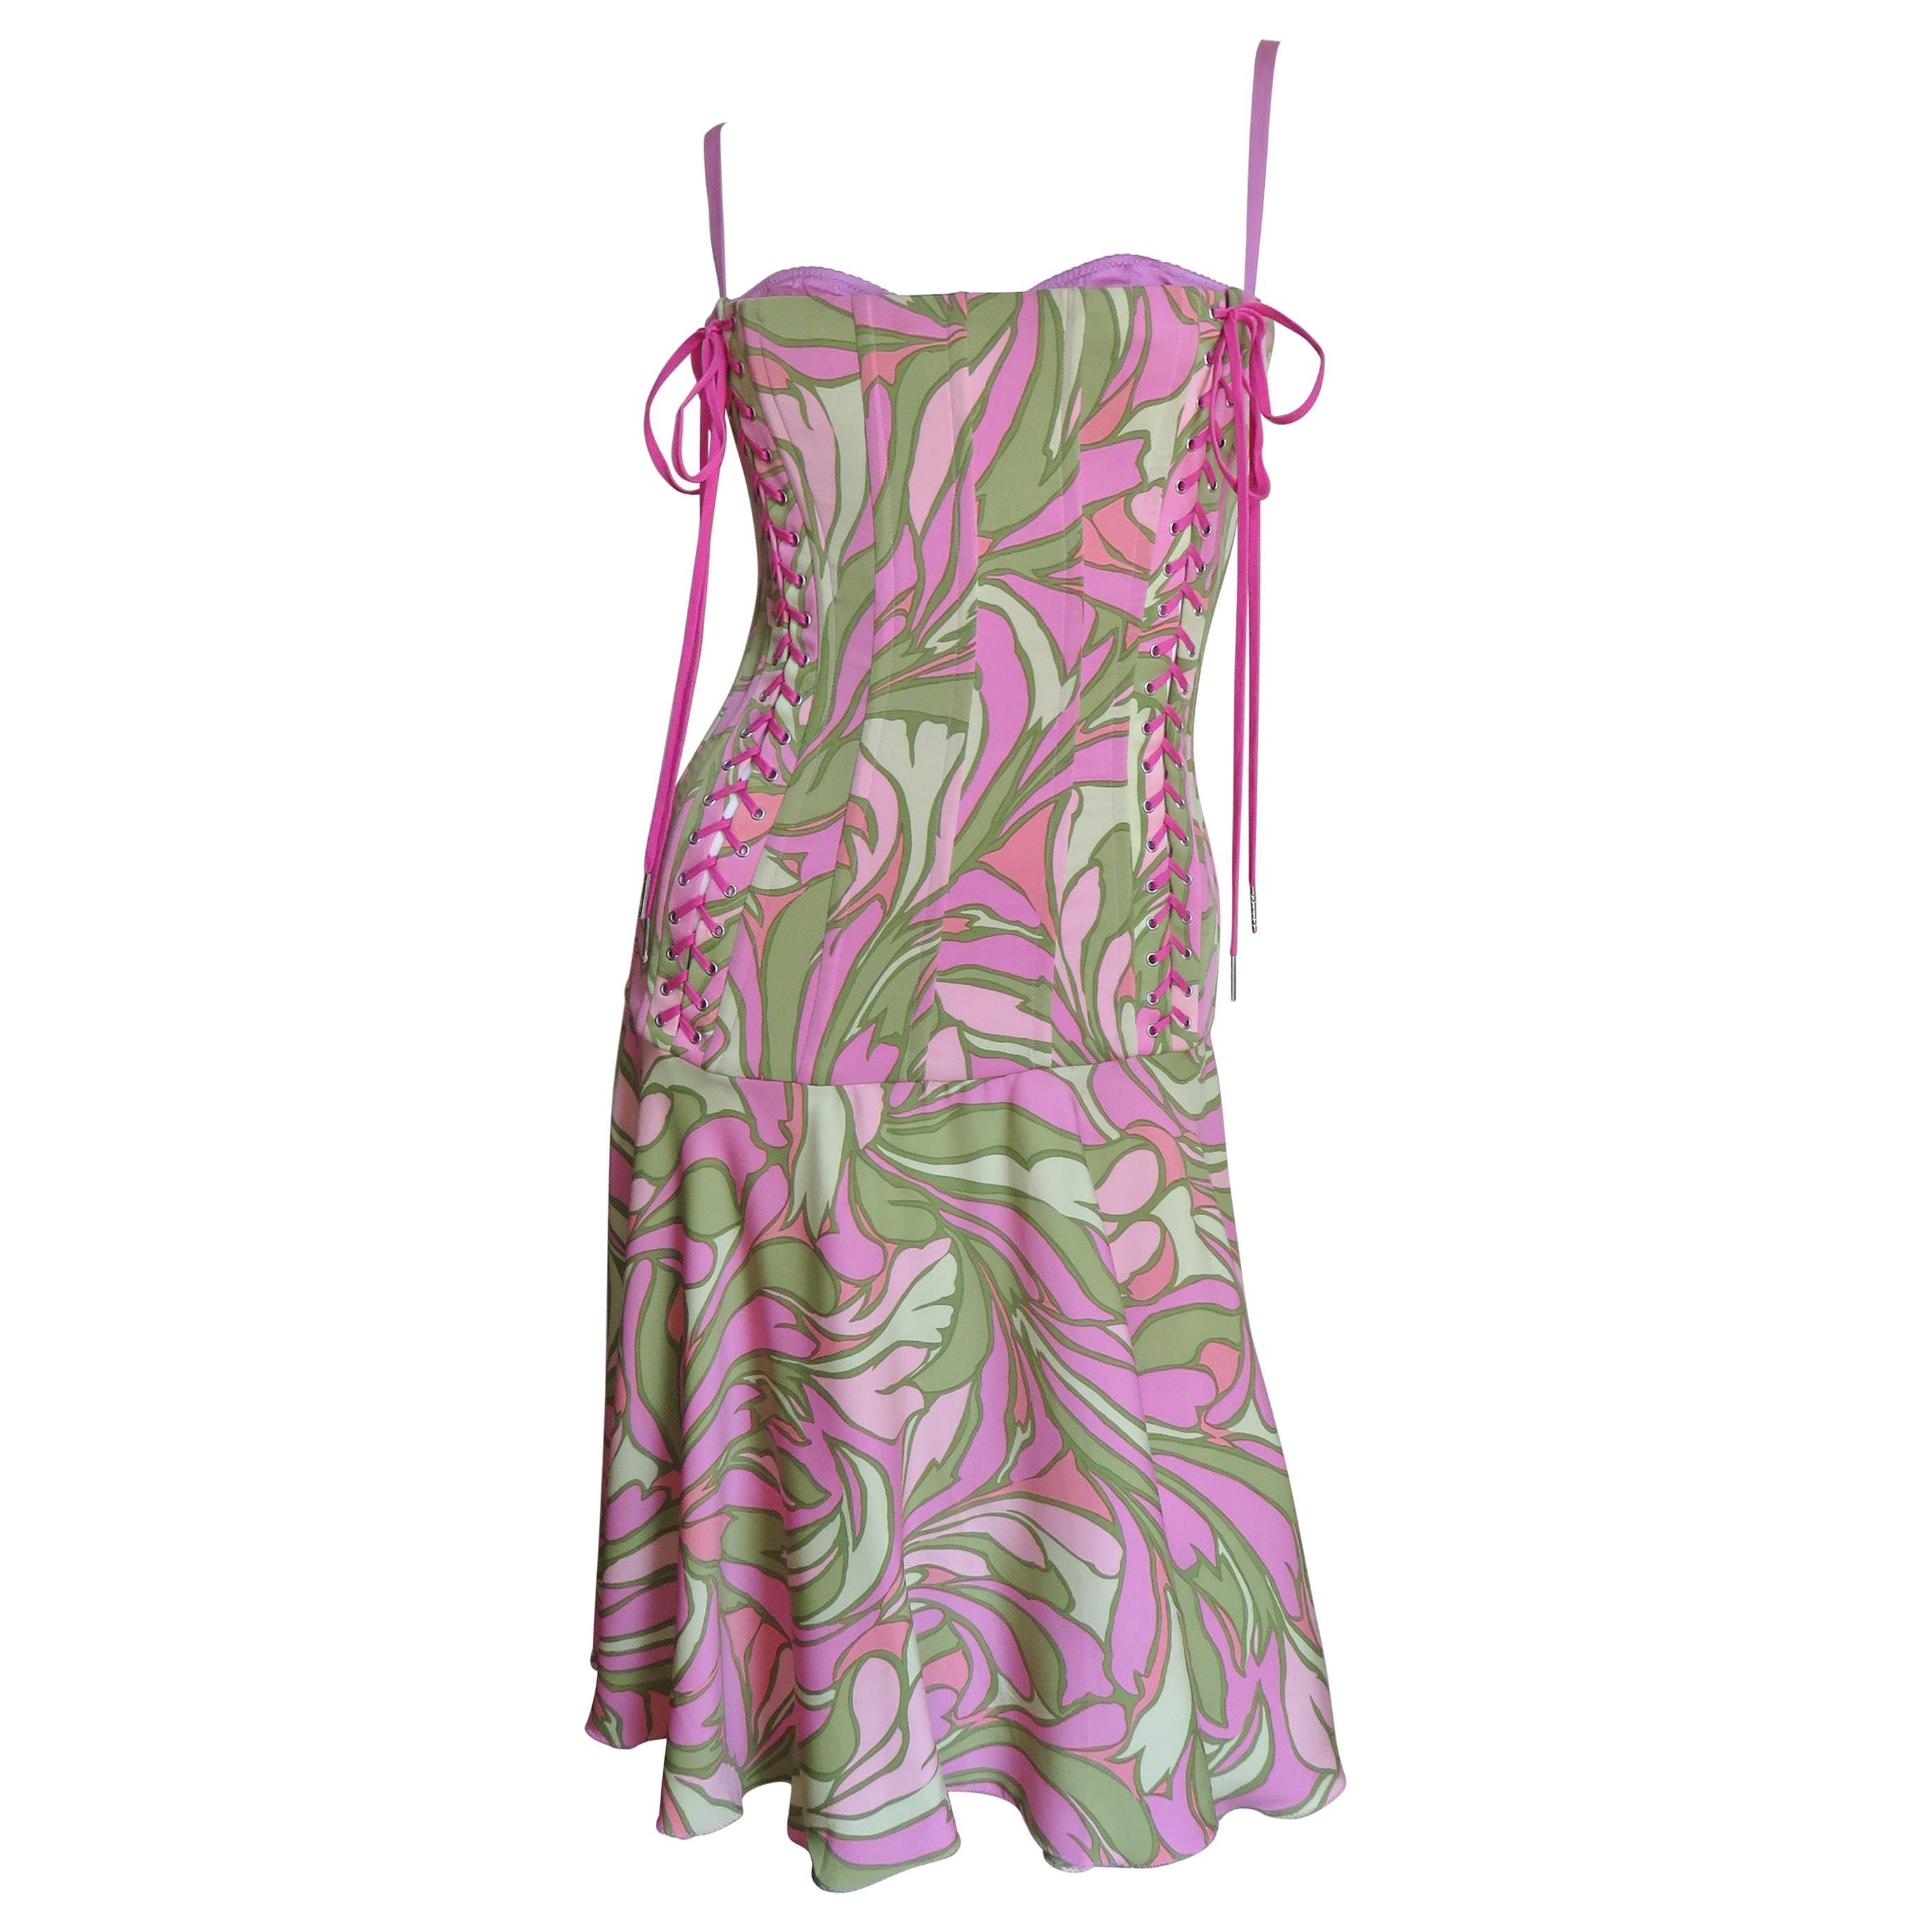 Dolce & Gabbana Lace up Silk Dress